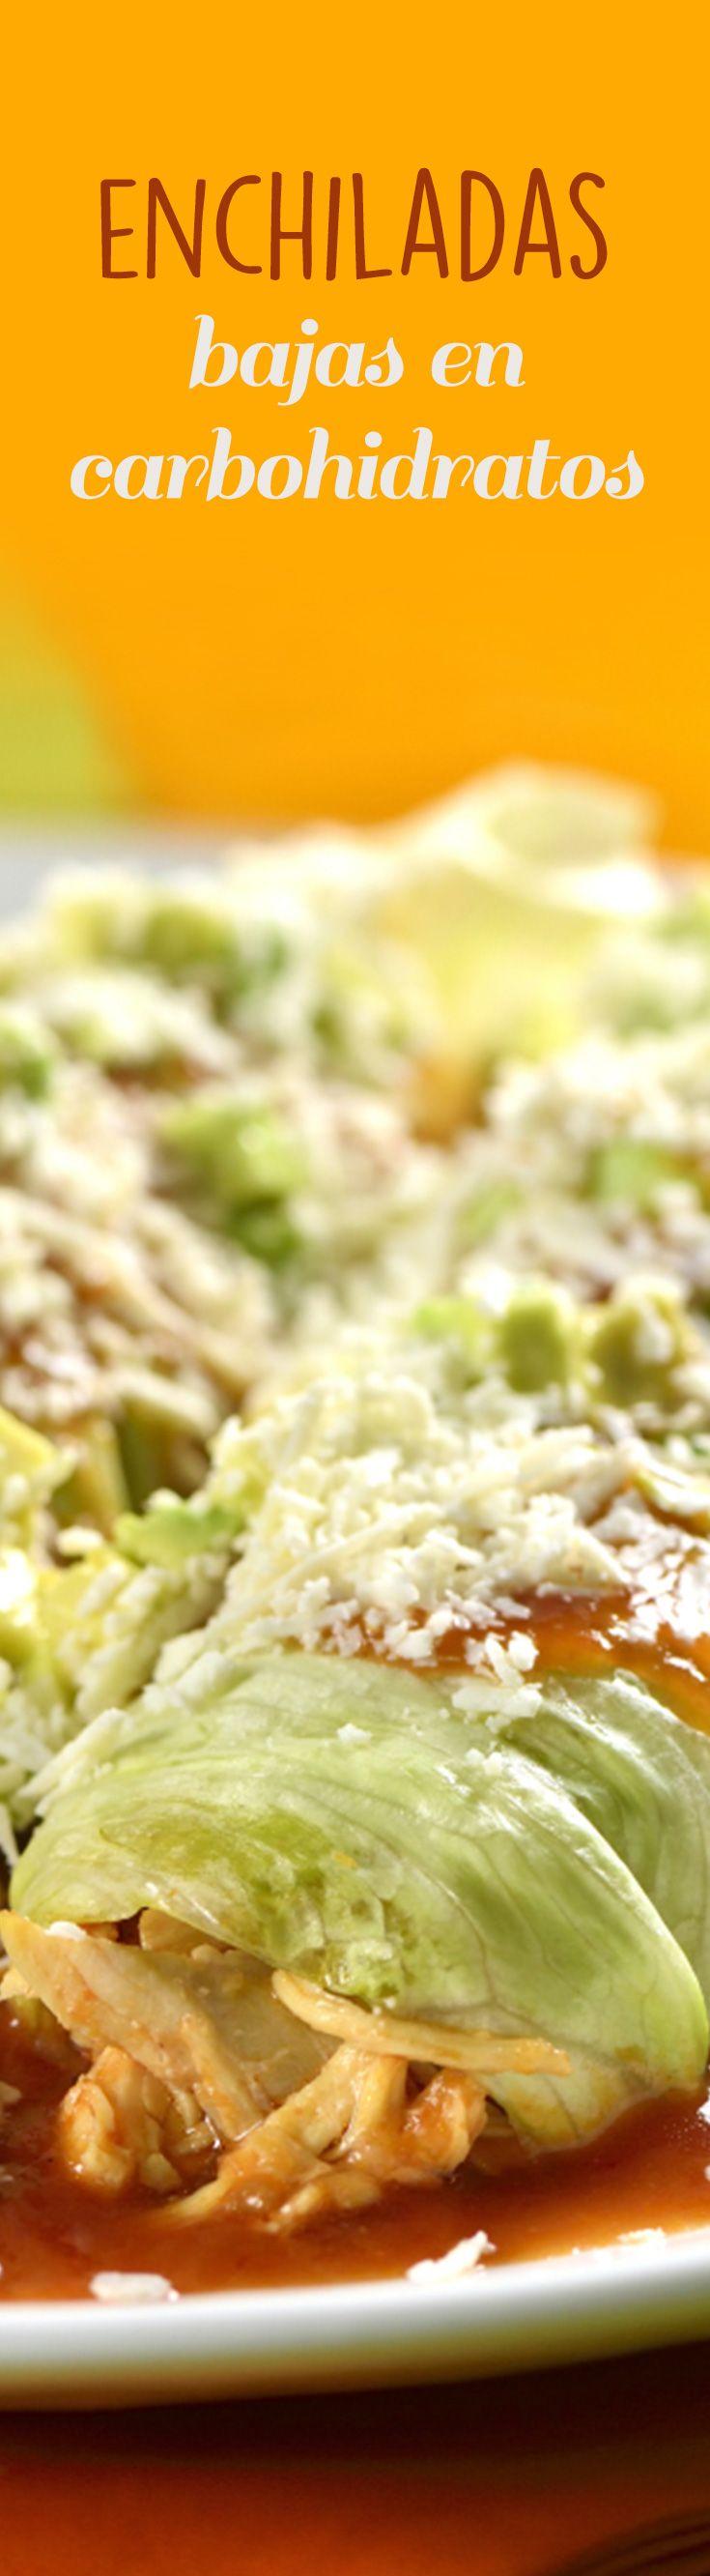 Enchiladas bajas en carbohidratos receta entremeses - Comidas sanas y bajas en calorias ...